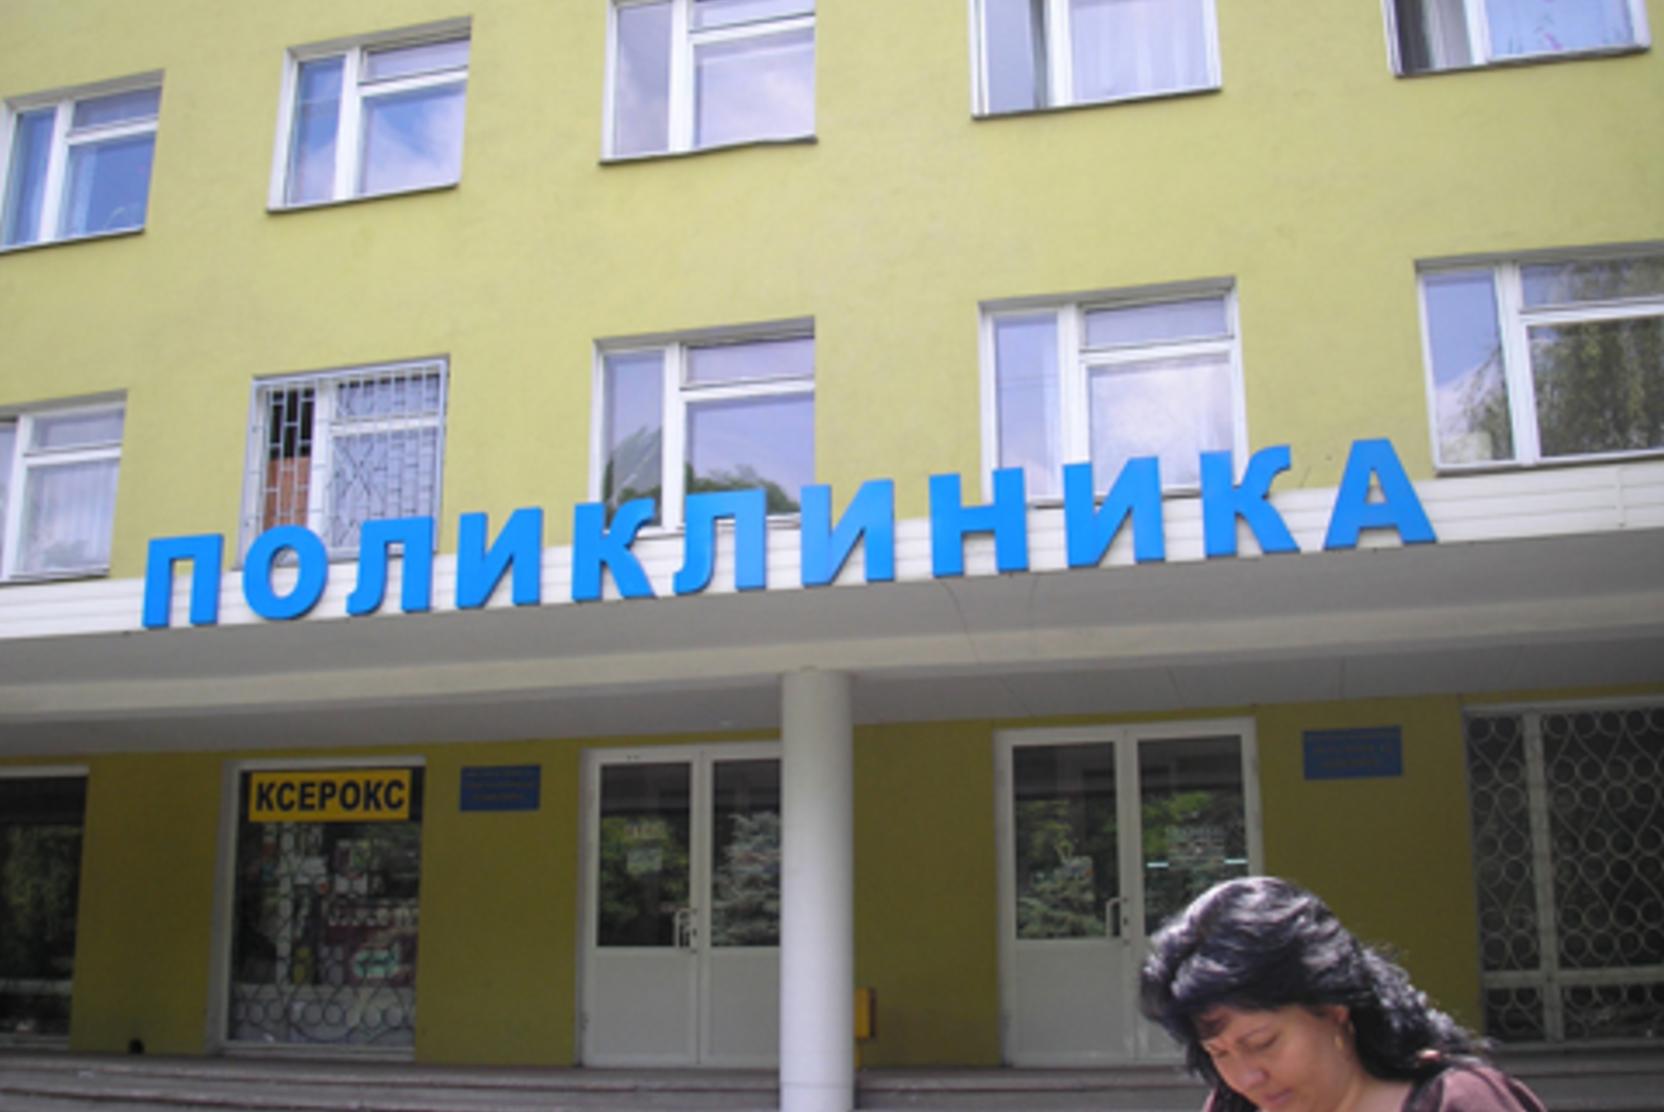 Новости за ночь: В РФ предложили разрешить торговлю алкоголем рядом с медучреждениями